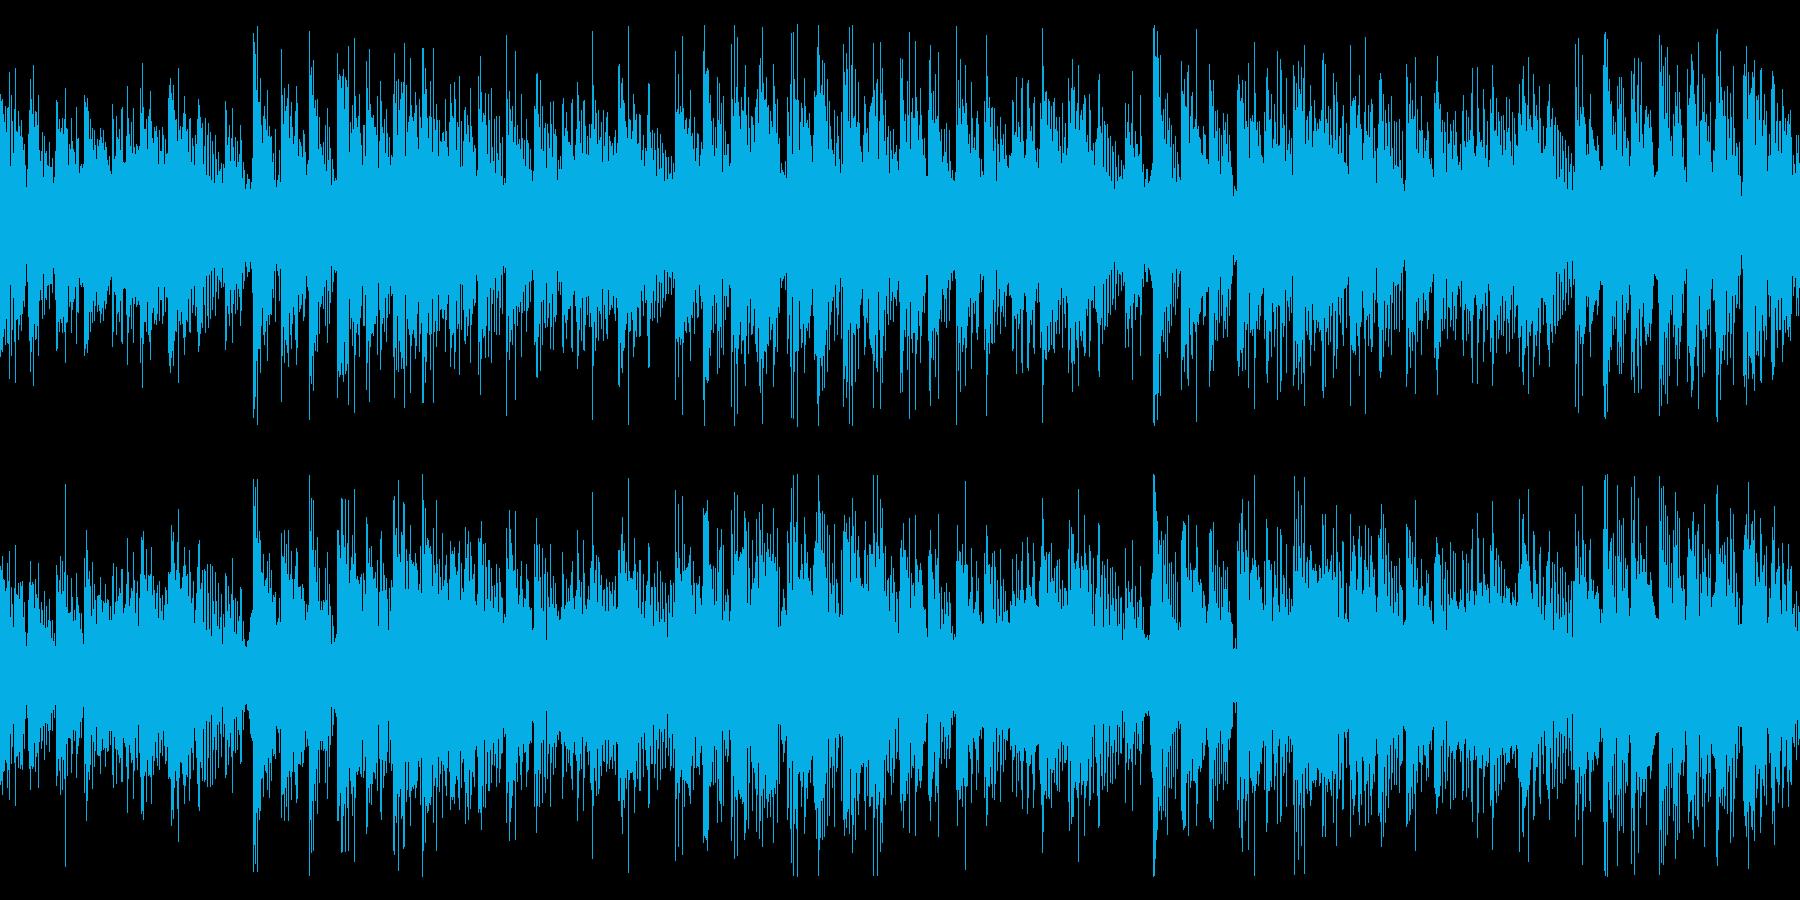 【ループ可】ユーロビート/戦闘/レースの再生済みの波形